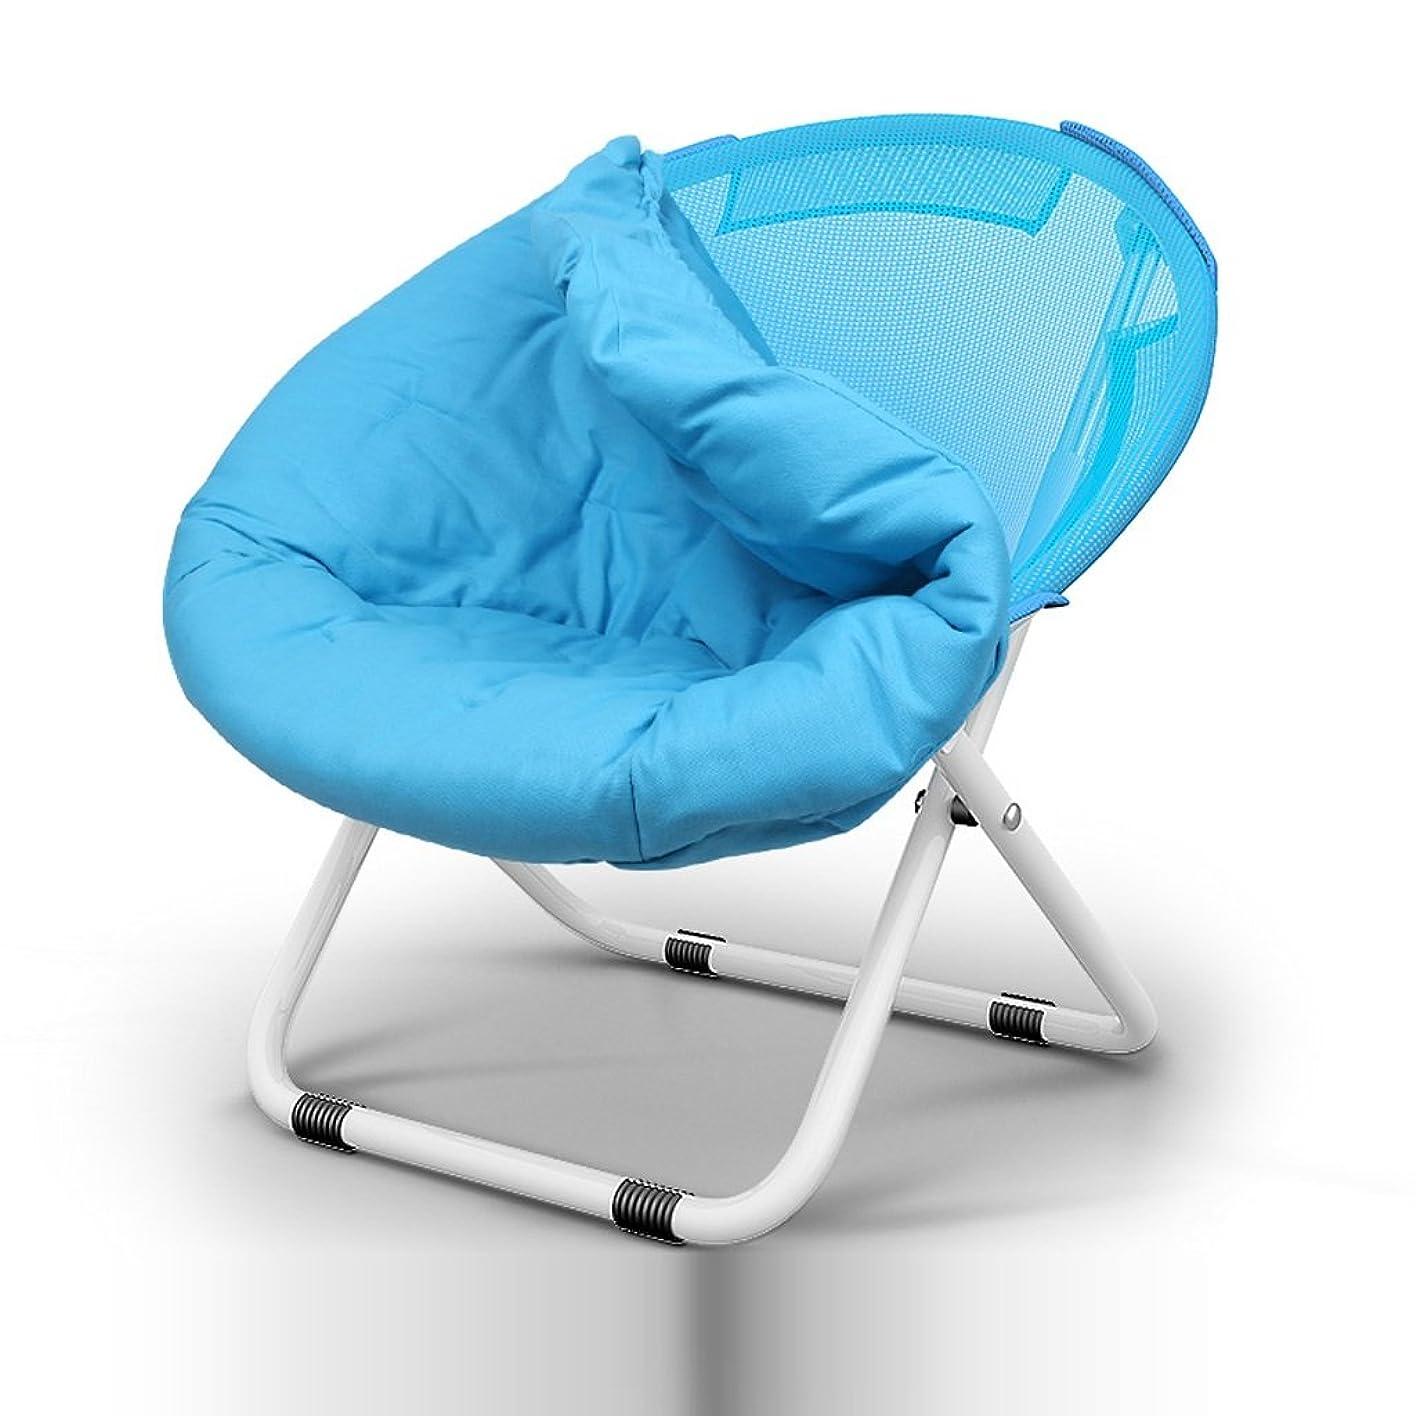 メルボルン補う飛ぶNYDZDM 屋外キャンプ折りたたみチェア&ポータブルムーンチェア超軽量金属製の椅子&レジャースケッチチェア